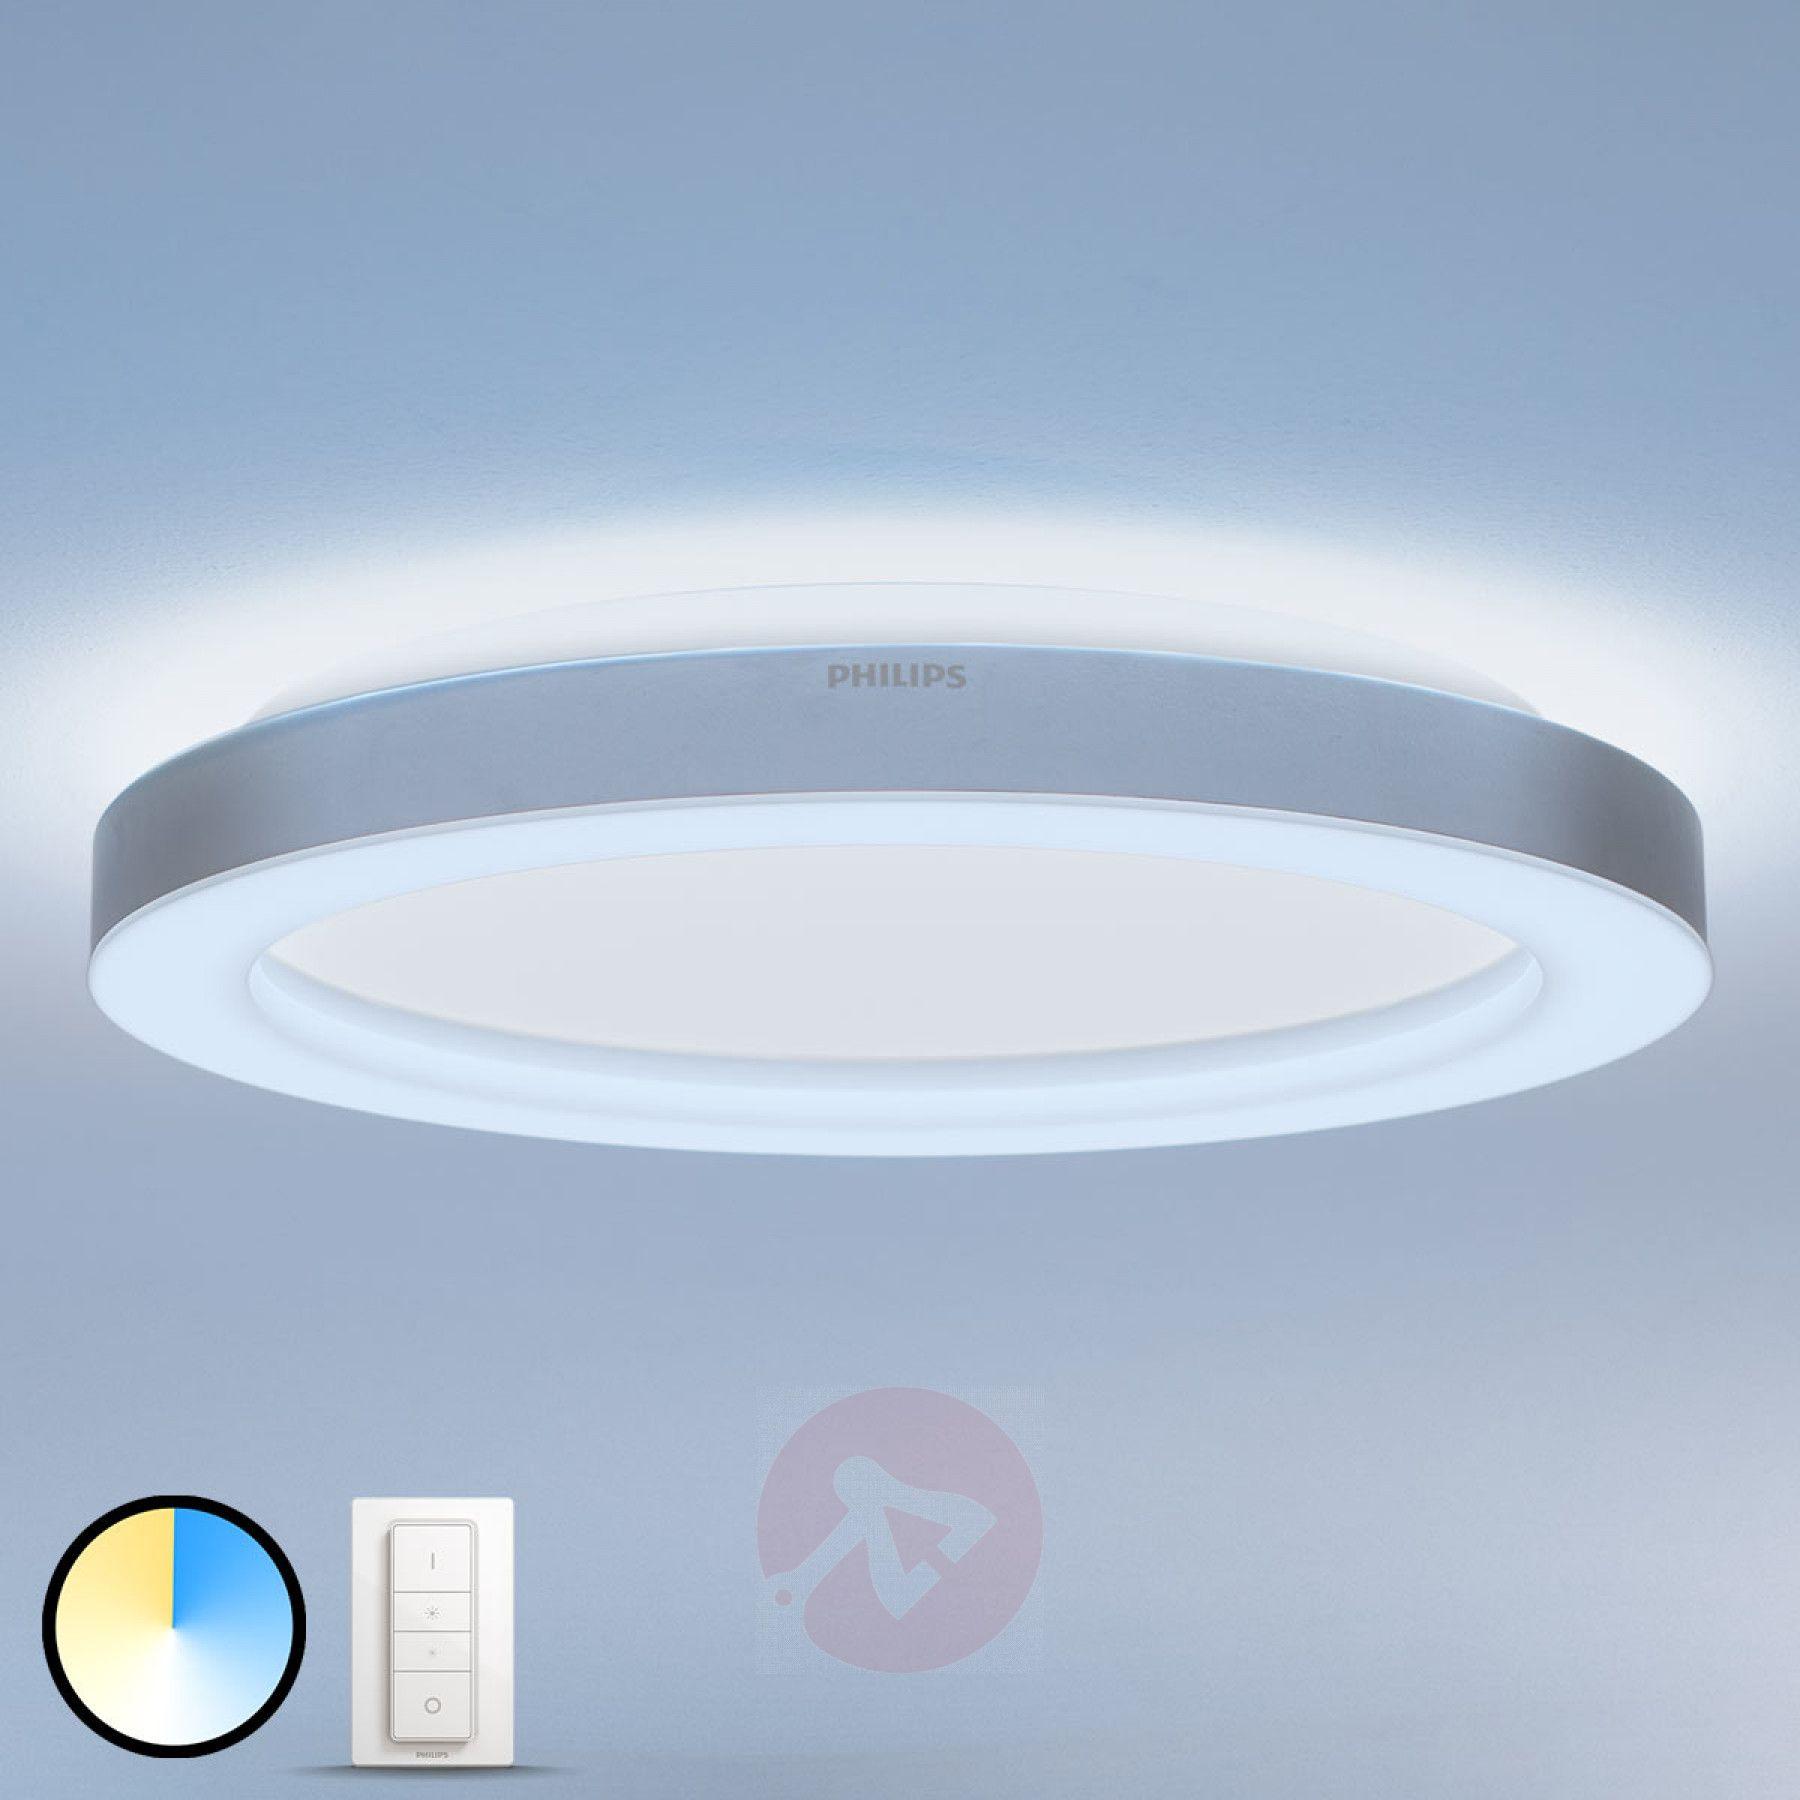 Philips Hue Adore Led Bad Deckenlampe Mit Dimmer 7534068 01 199 99 Deckenlampe Lampen Kaufen Badezimmer Licht